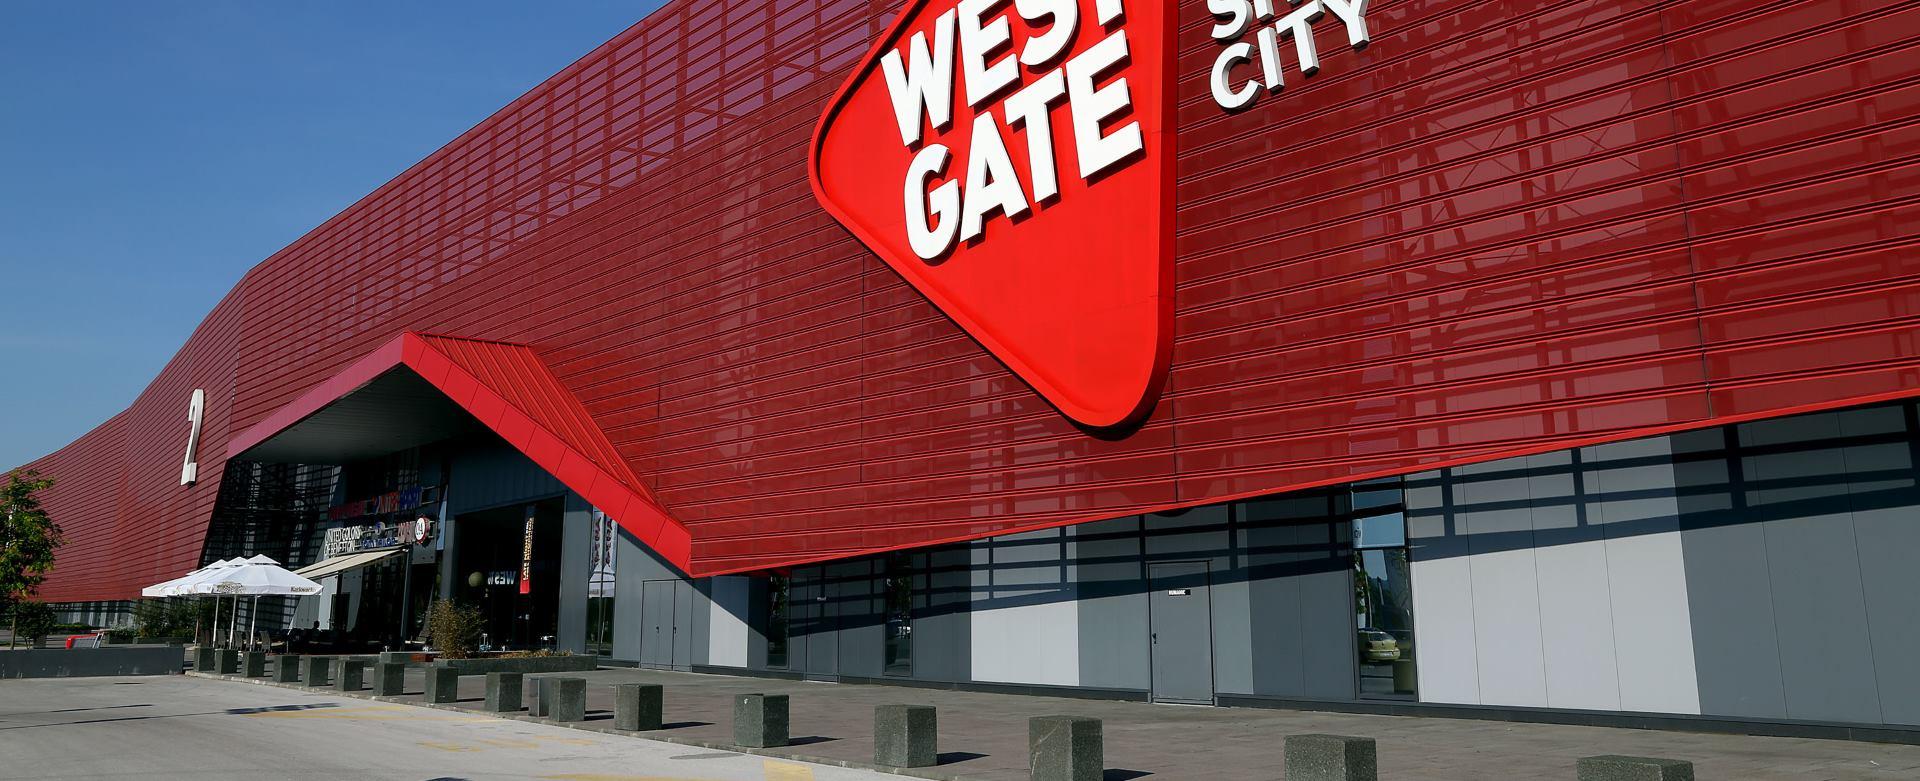 Westgate je lider na društvenim mrežama u kategoriji shopping centri u Hrvatskoj